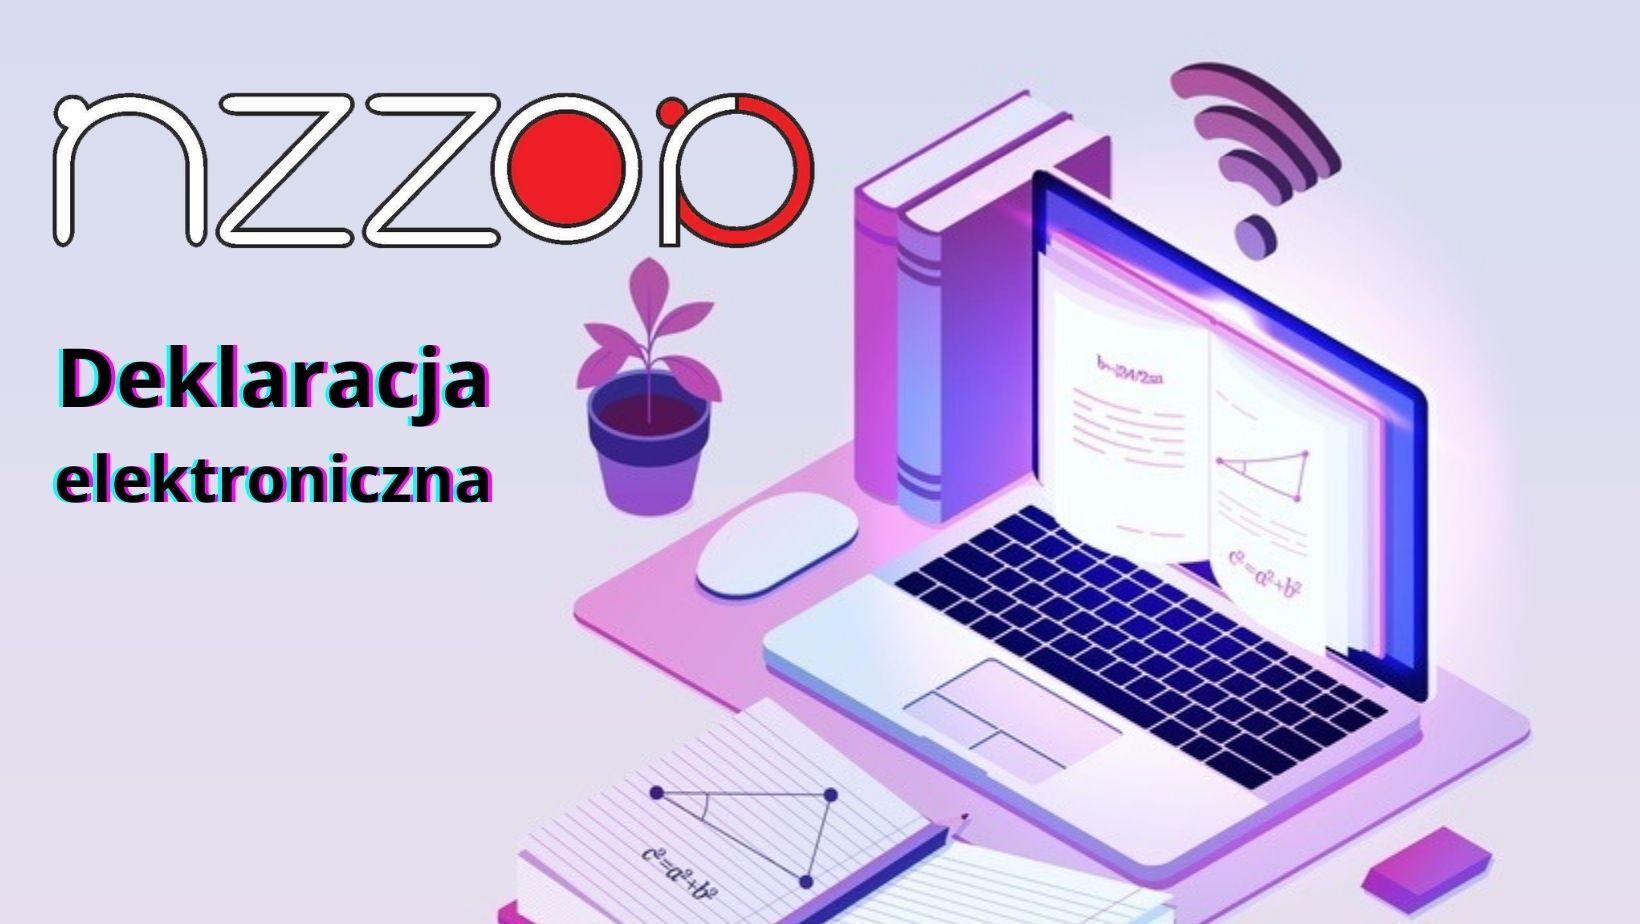 NZZ Oświata Polska - elektroniczna deklaracja członkowska